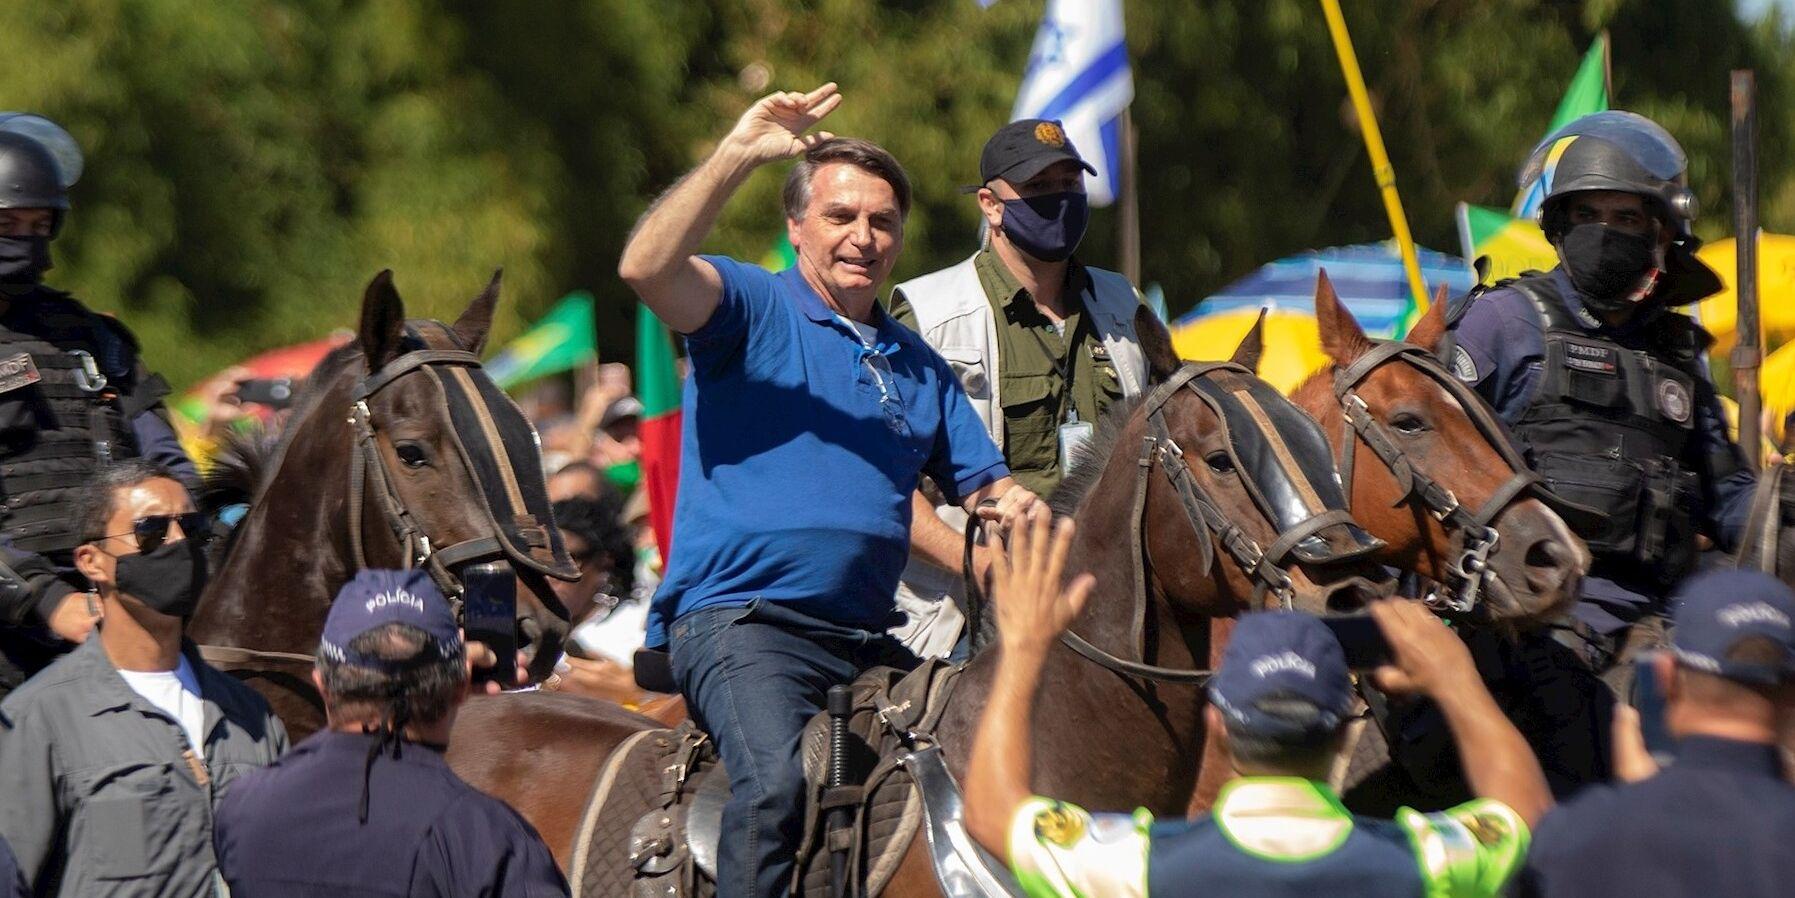 Jair Bolsonaro acude a la manifestación contra el STF y el Congreso a caballo